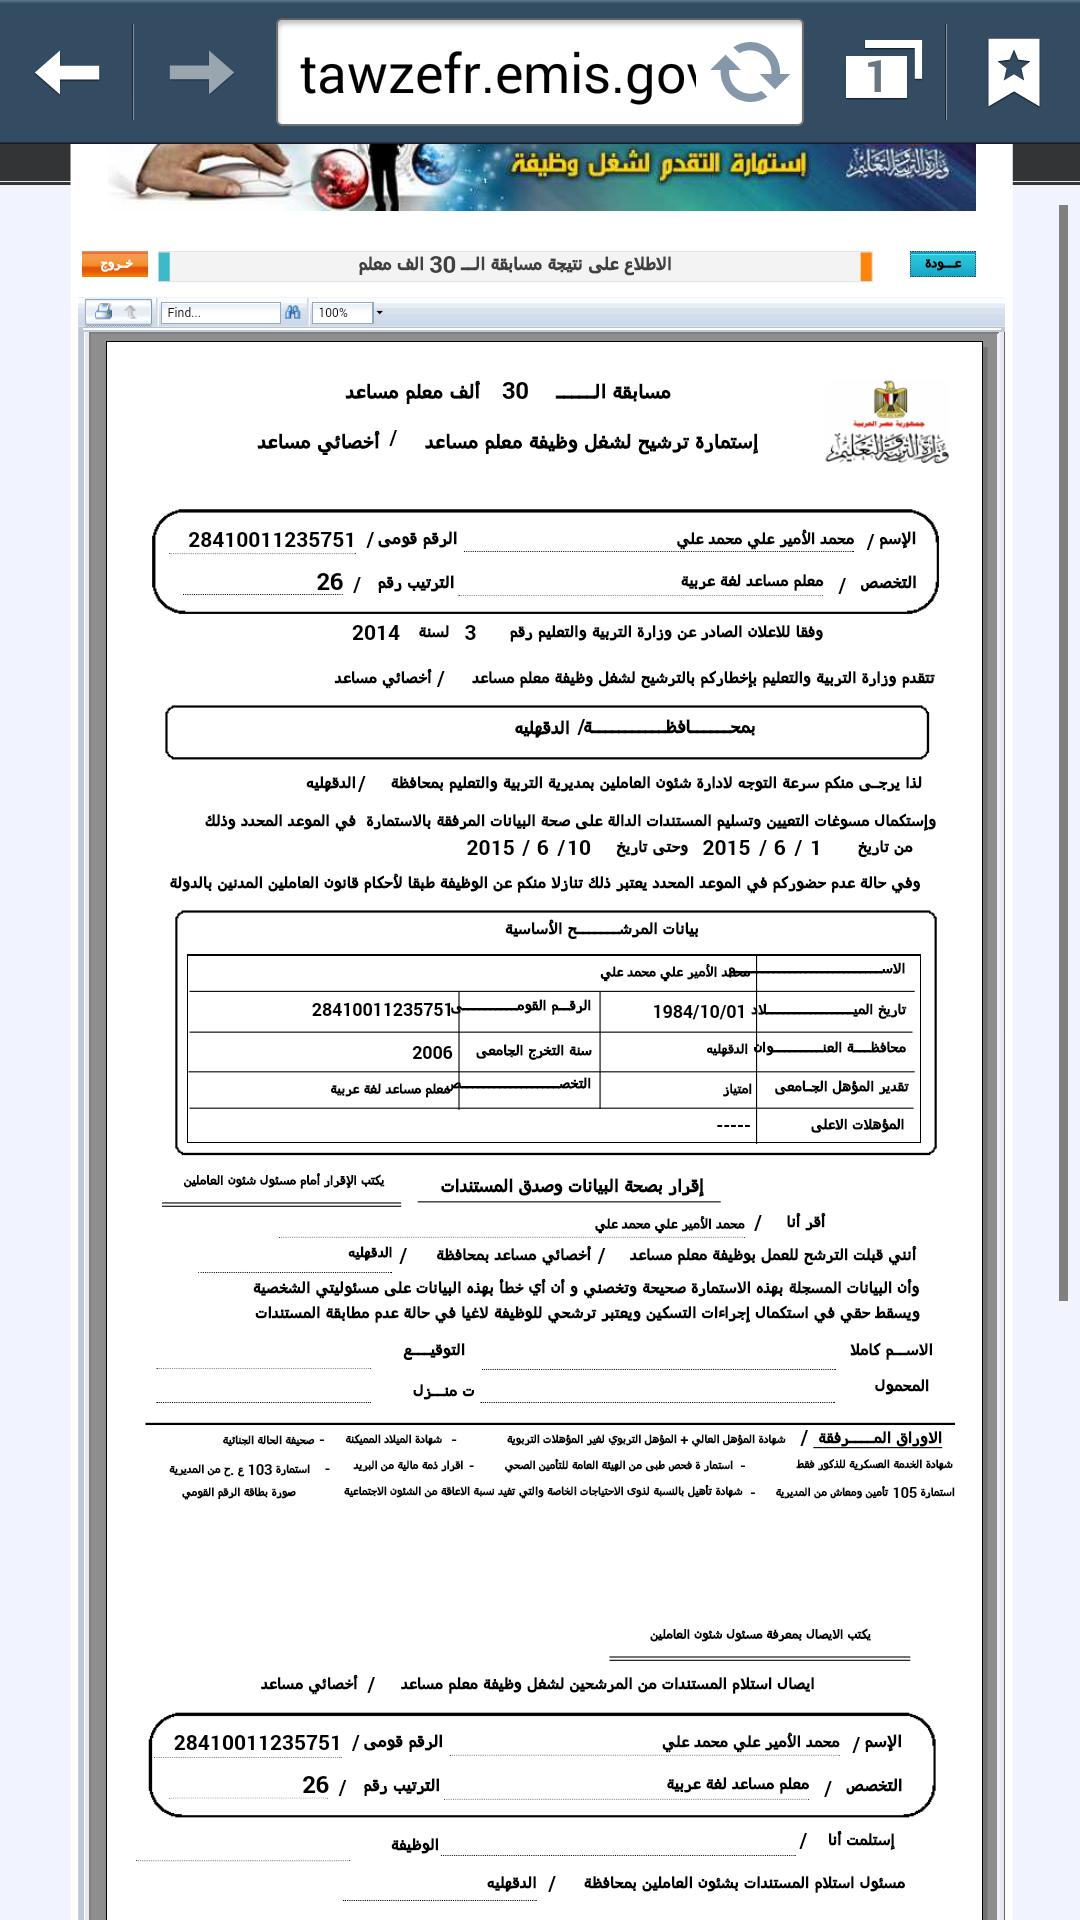 استمارة ترشيحي للعمل معلم لغة عربية بوزارة التربية والتعليم